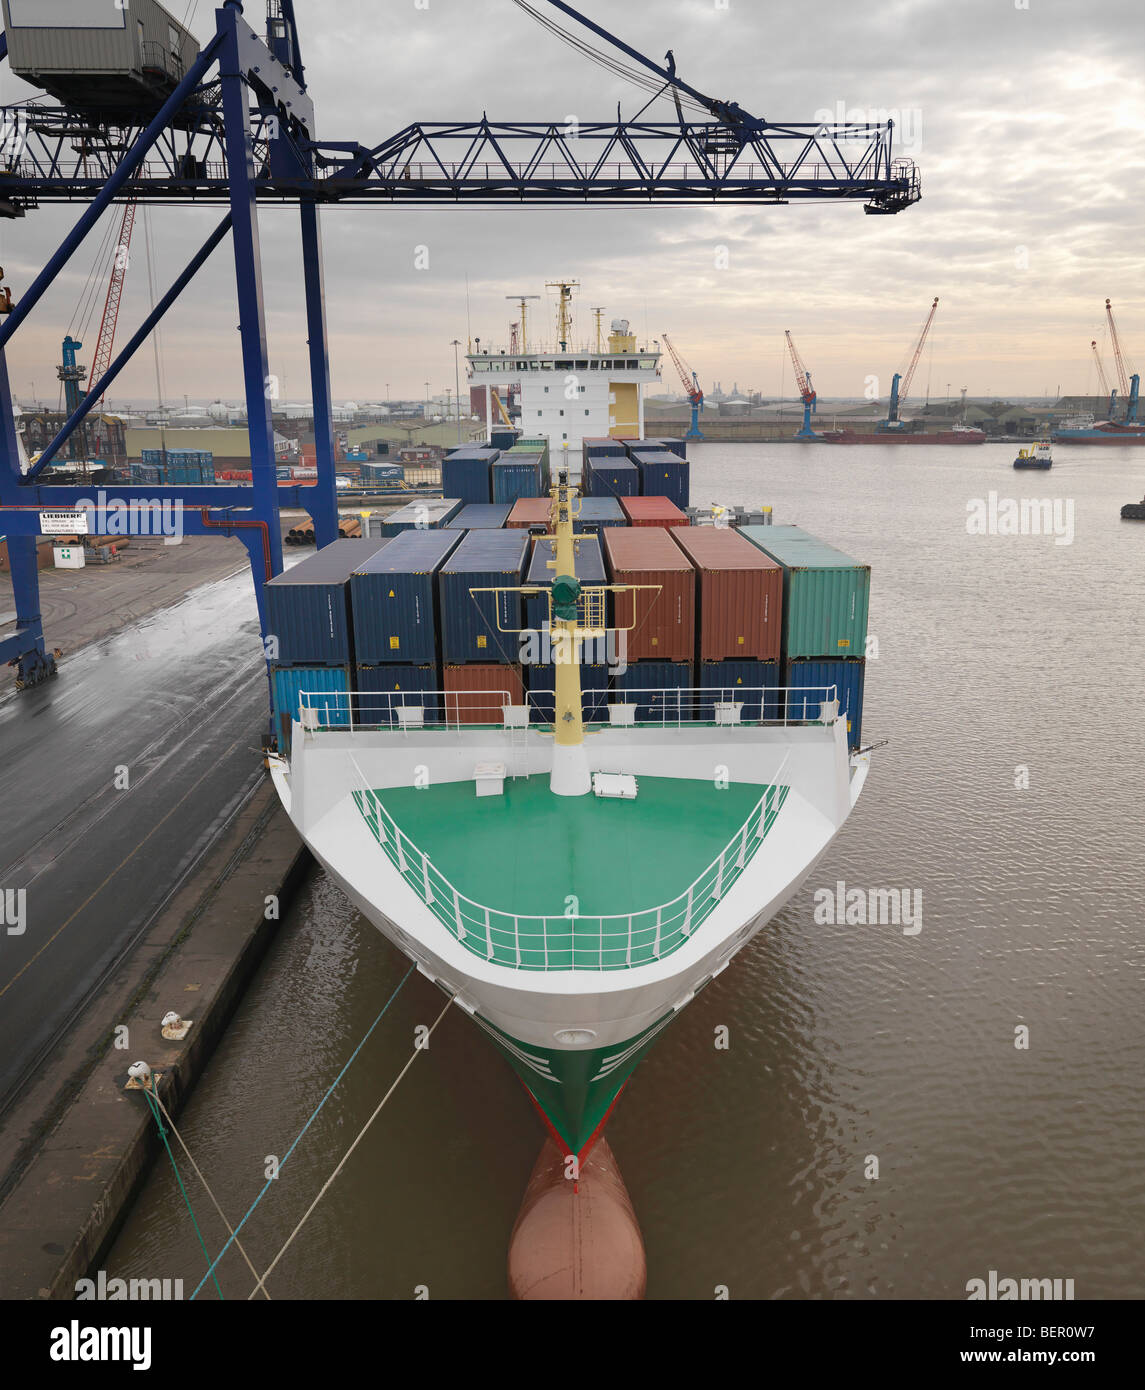 Barco de contenedores en el puerto foto imagen de stock - Contenedores de barco ...